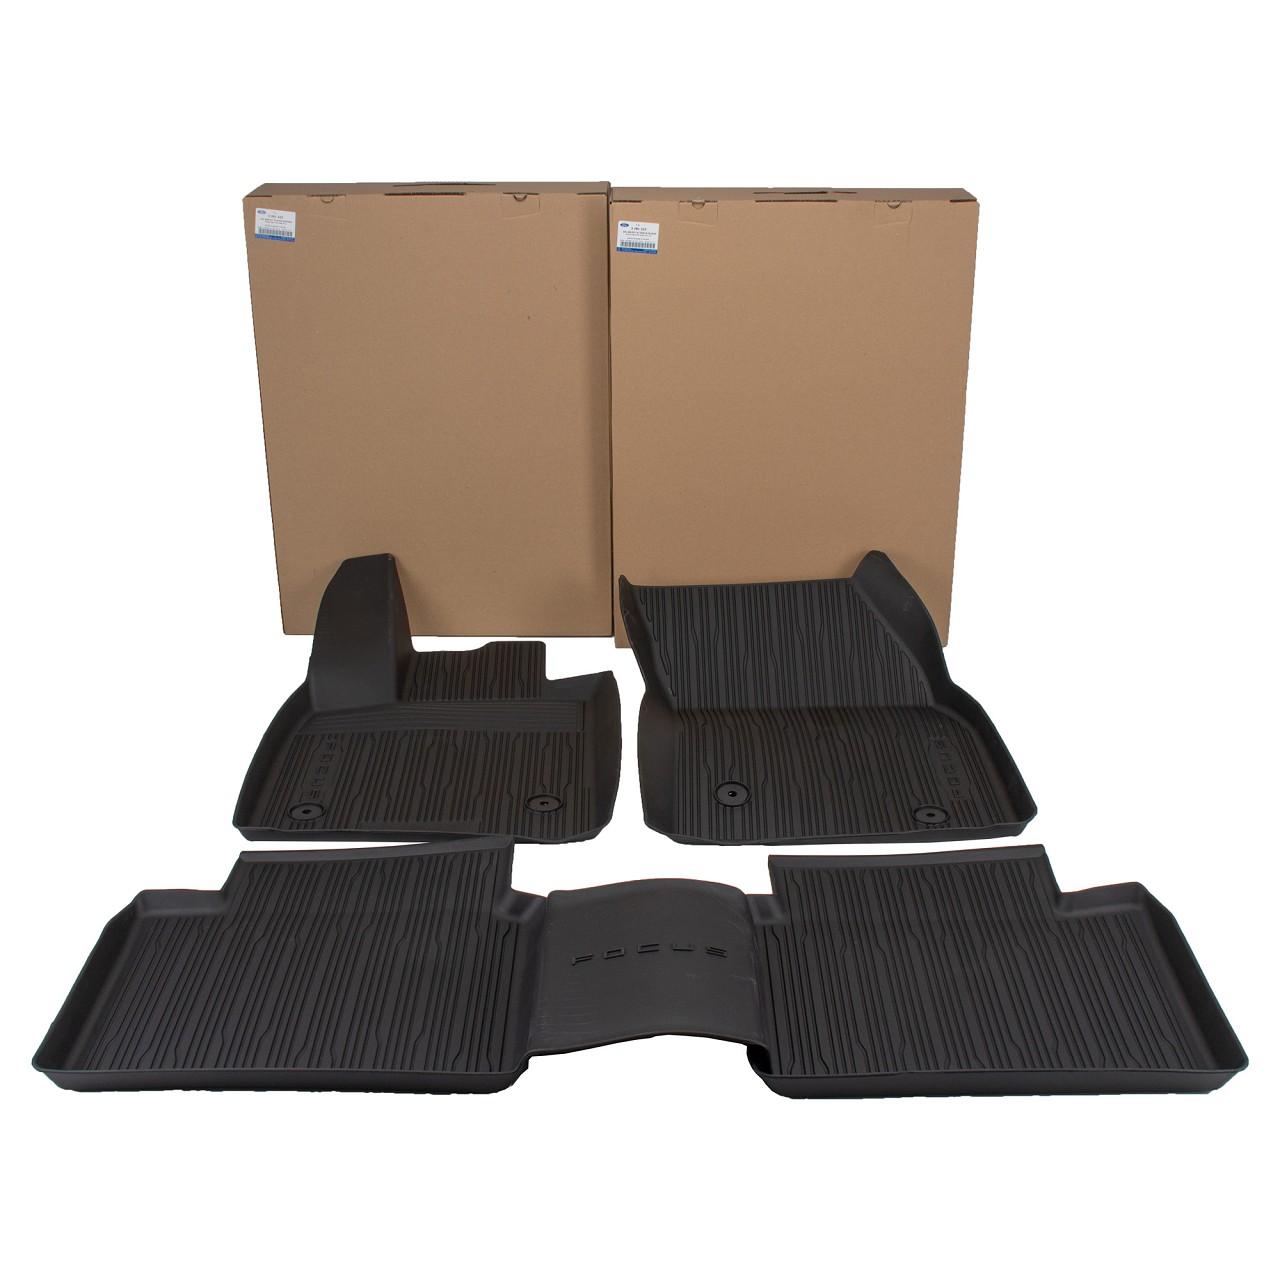 ORIGINAL Ford Gummimatten Fußmatten Automatten Focus 4 MK4 vorne + hinten 4-teilig